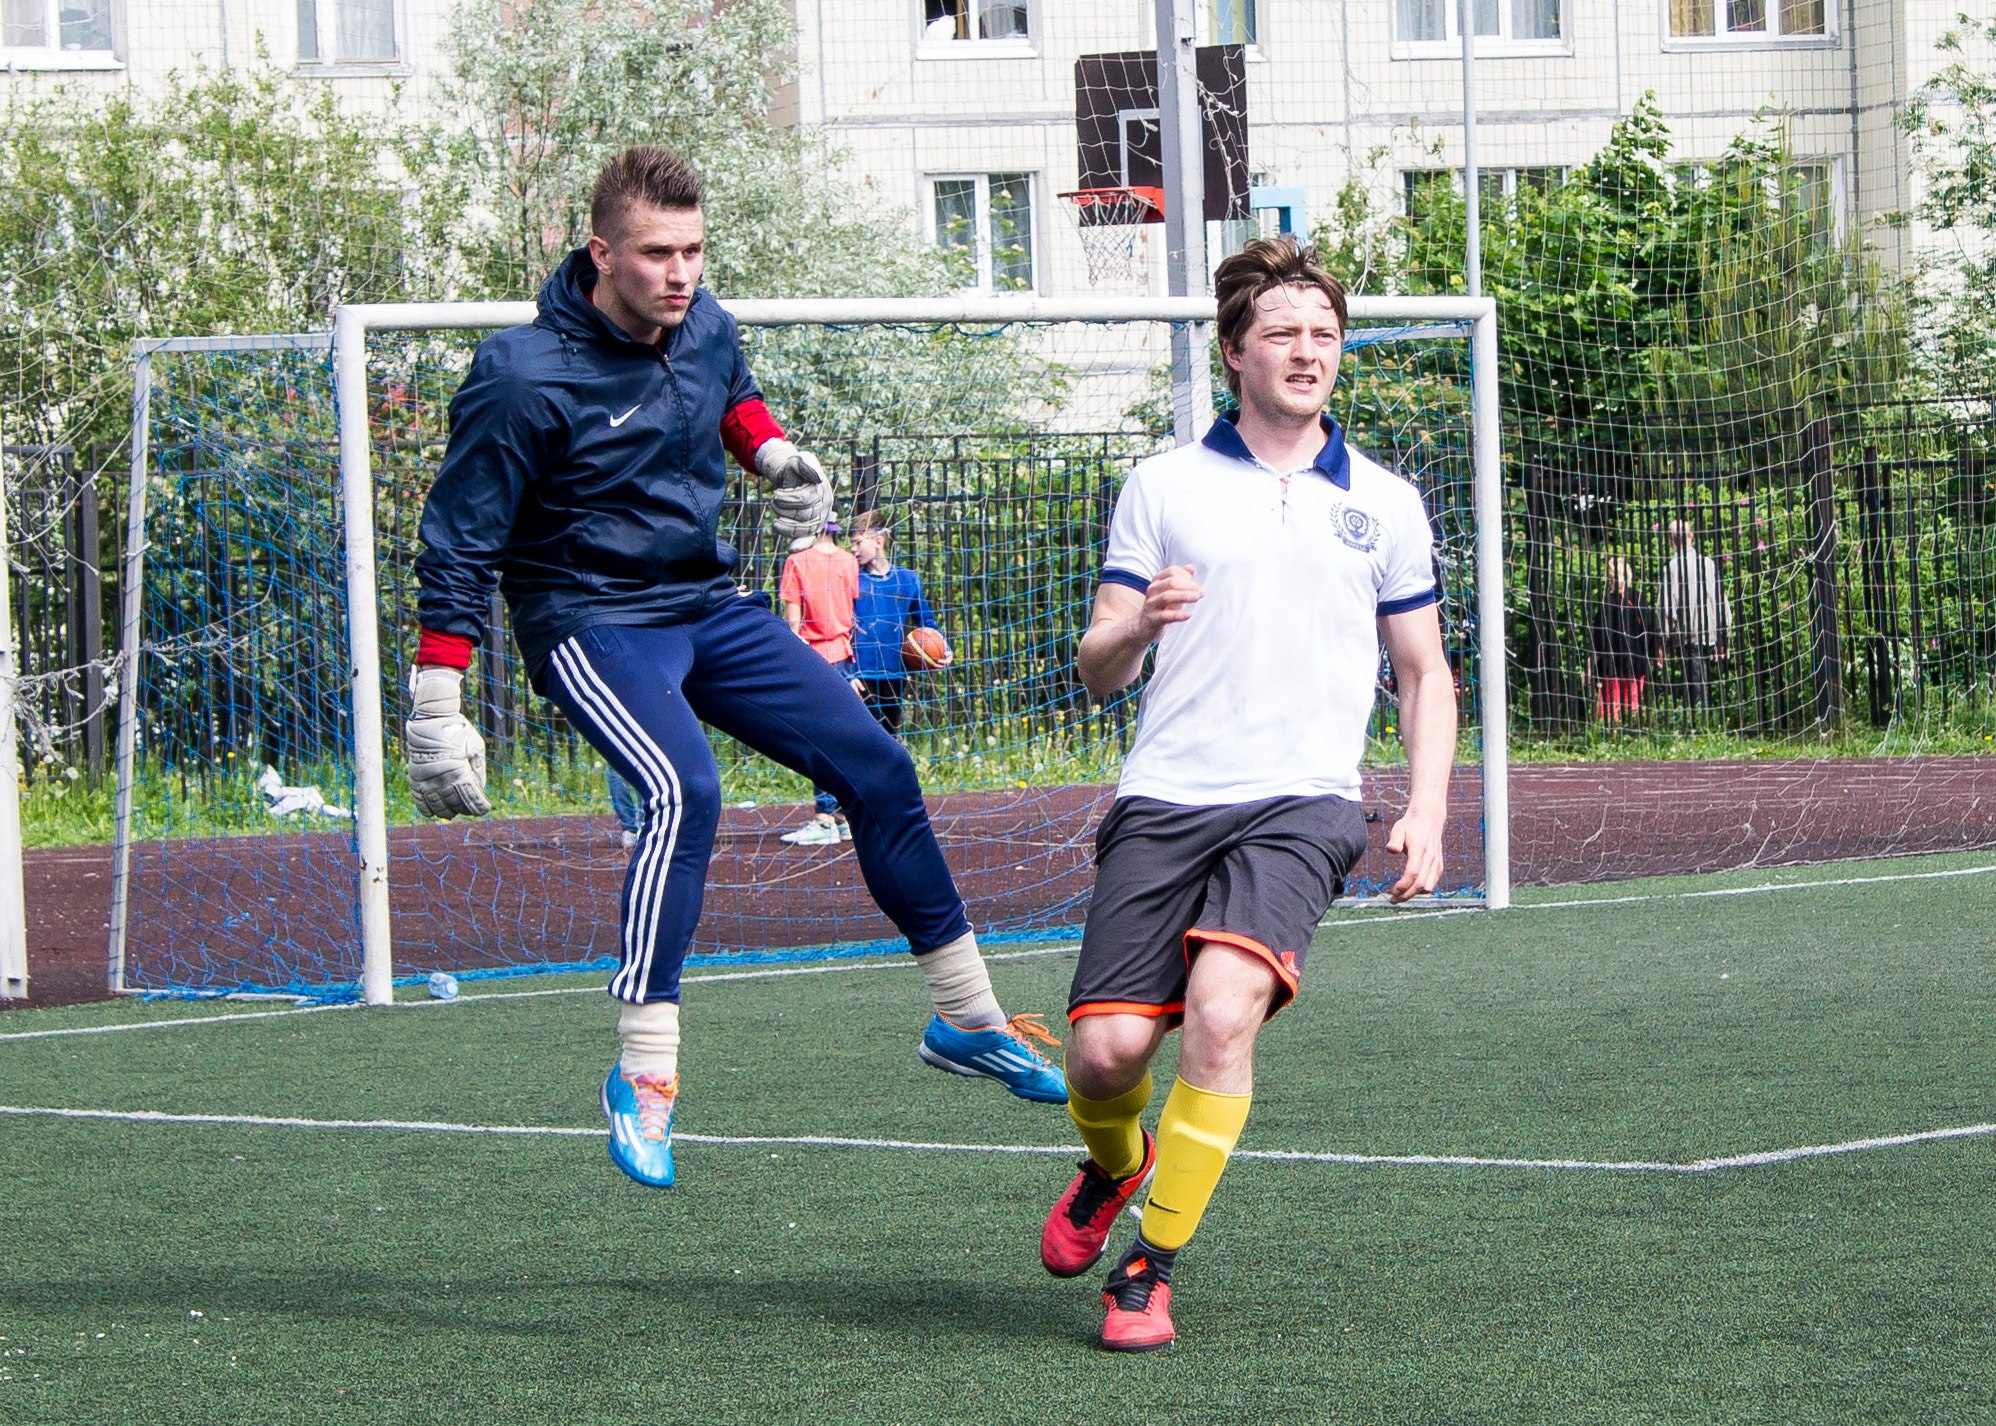 Артем Малашенко (слева) и Николай Зелененко (справа), Поворники - Омега (8-й тур), Премьер-лига-2016